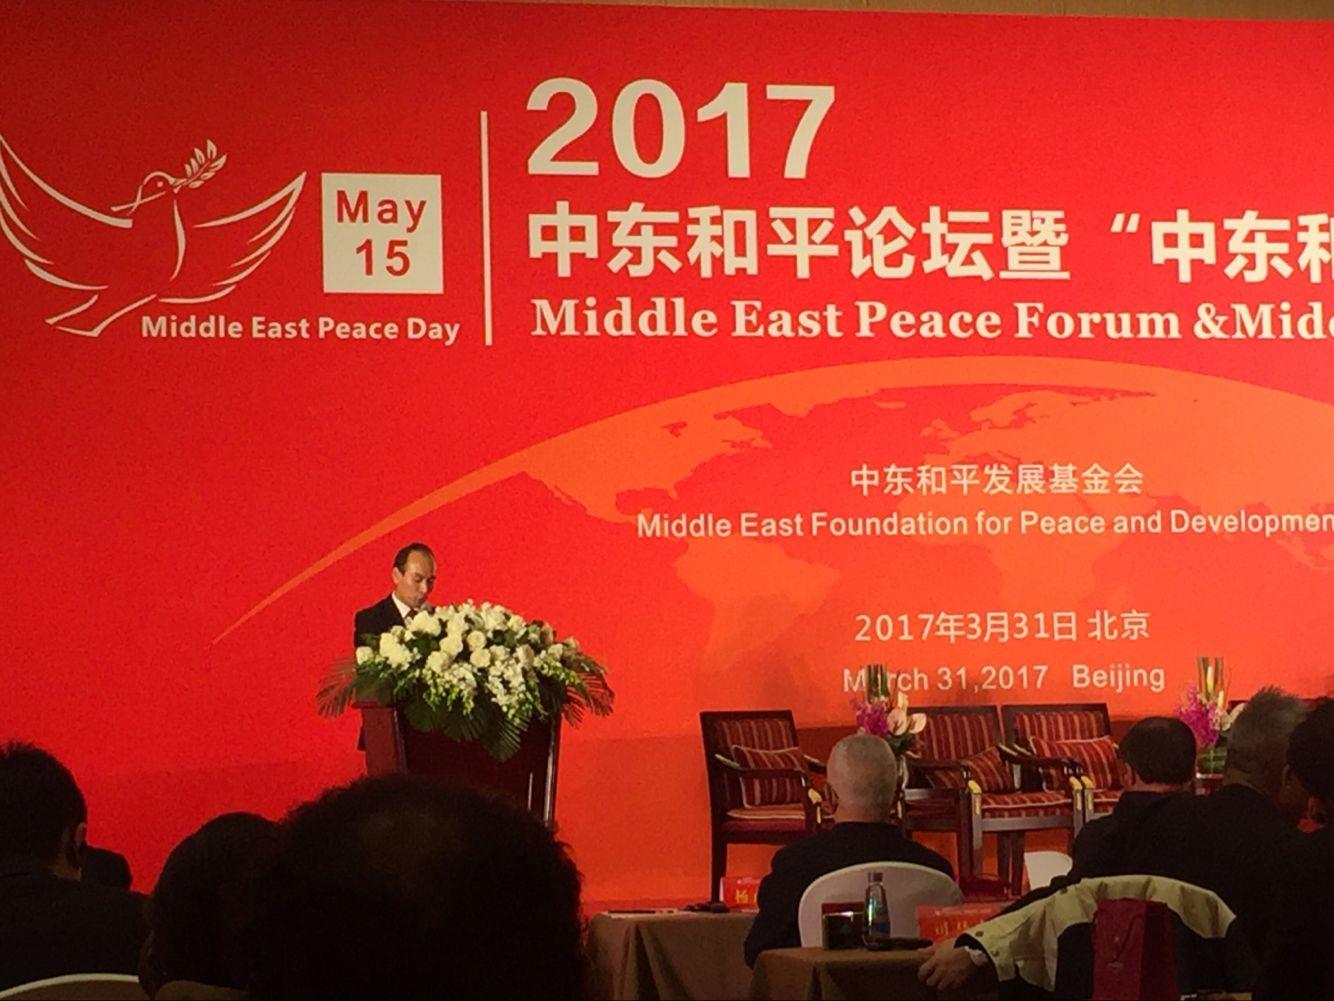 中东和平论坛暨首次中东和平日纪念活动举行